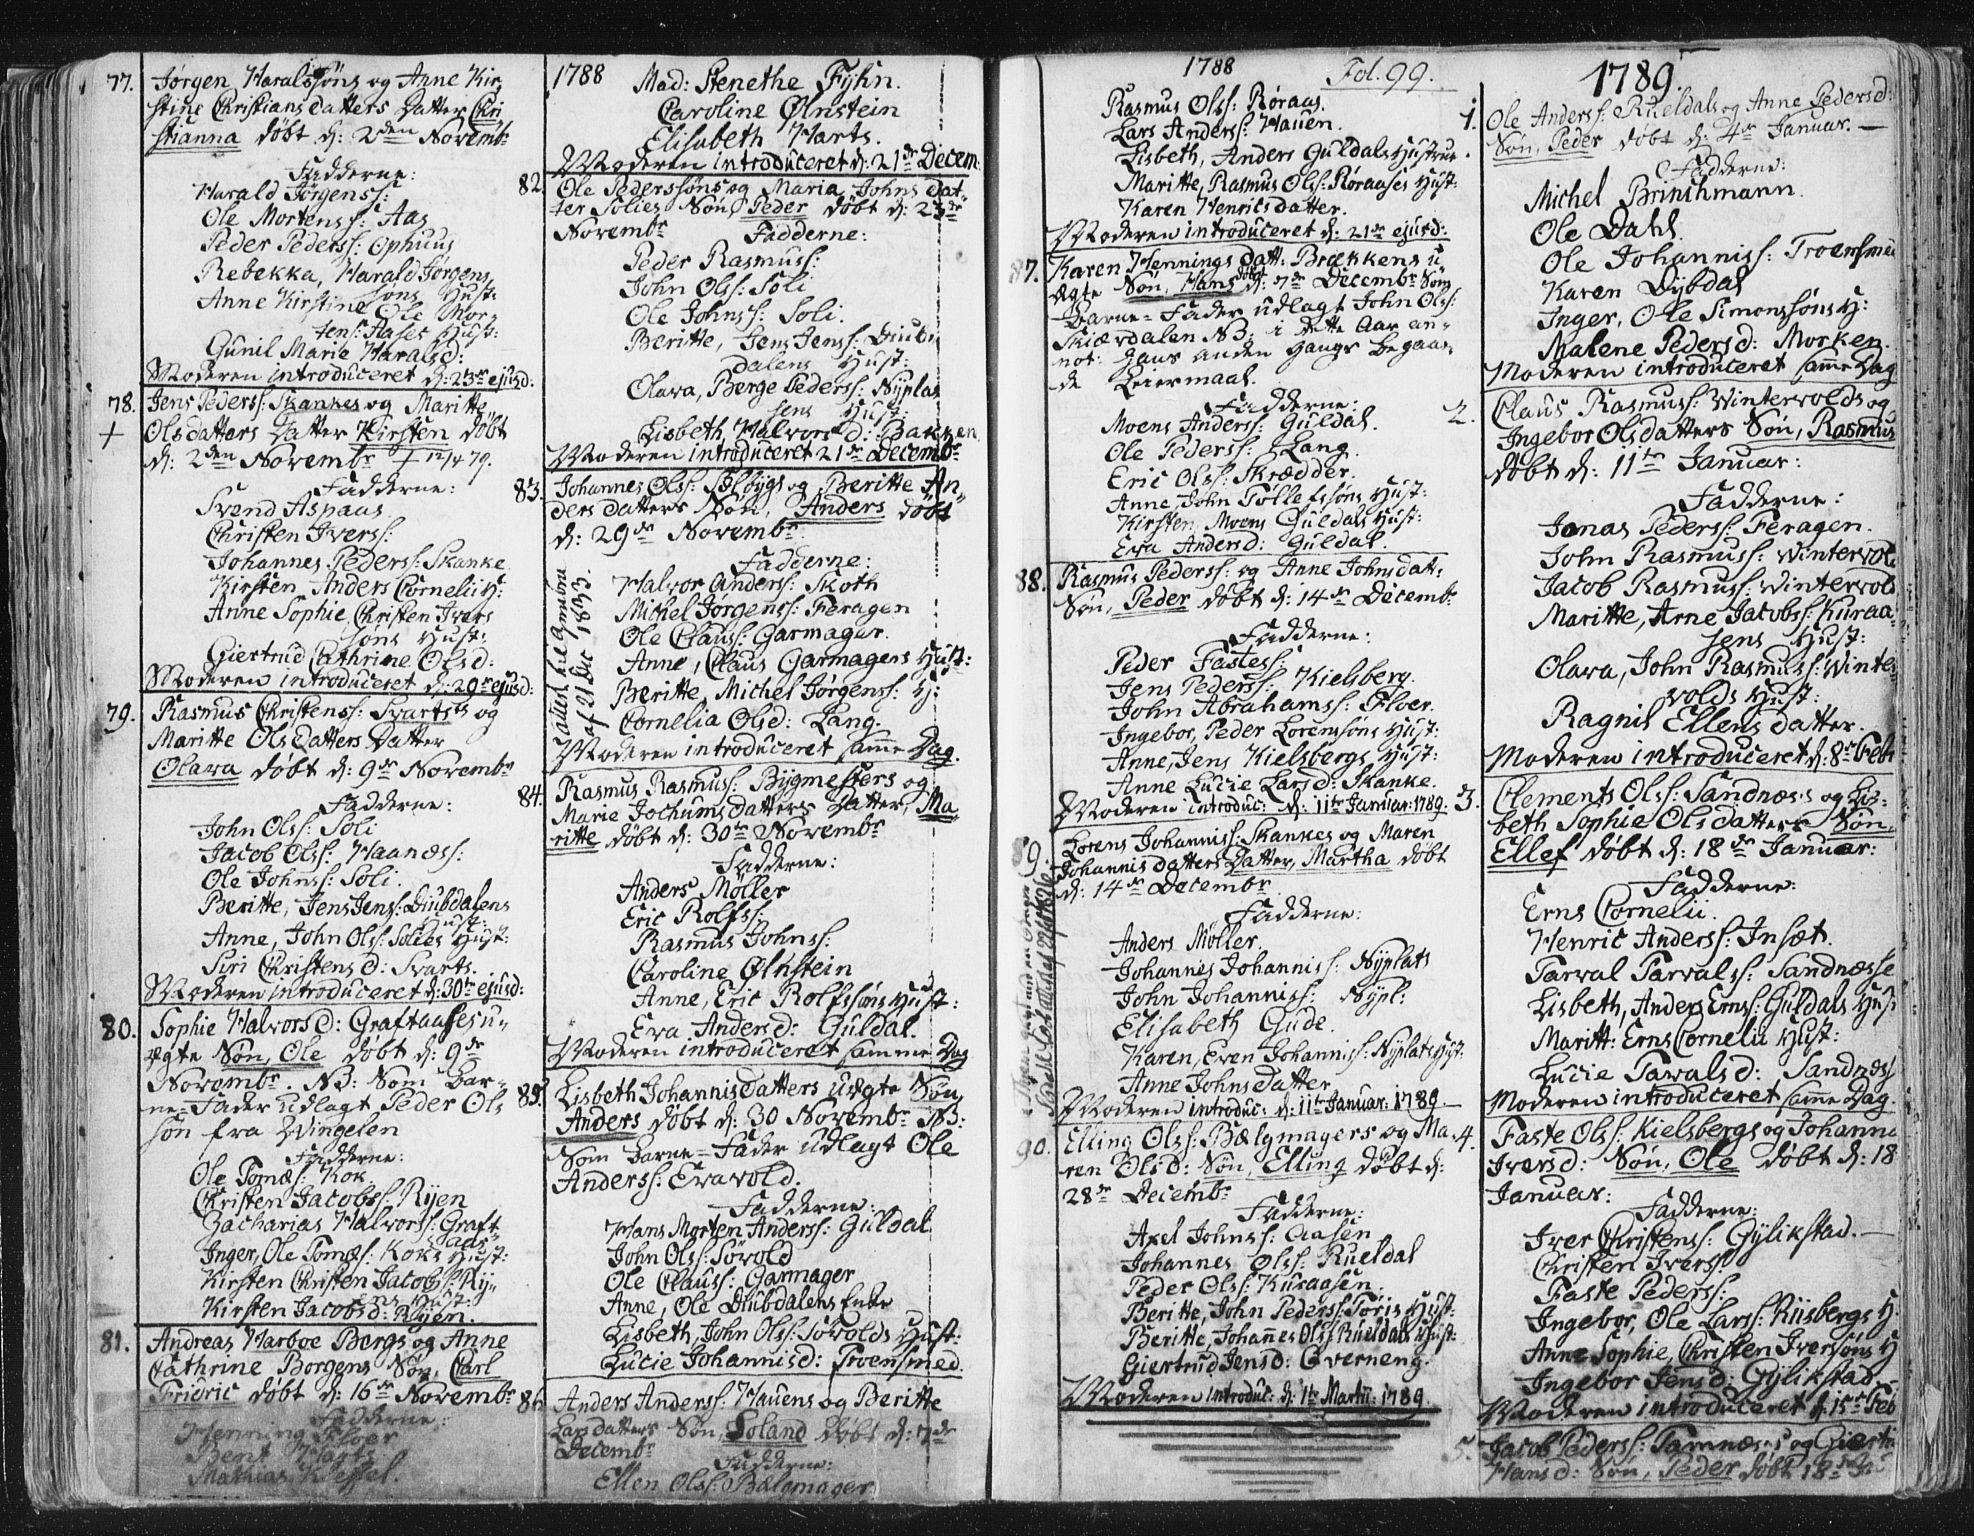 SAT, Ministerialprotokoller, klokkerbøker og fødselsregistre - Sør-Trøndelag, 681/L0926: Ministerialbok nr. 681A04, 1767-1797, s. 99